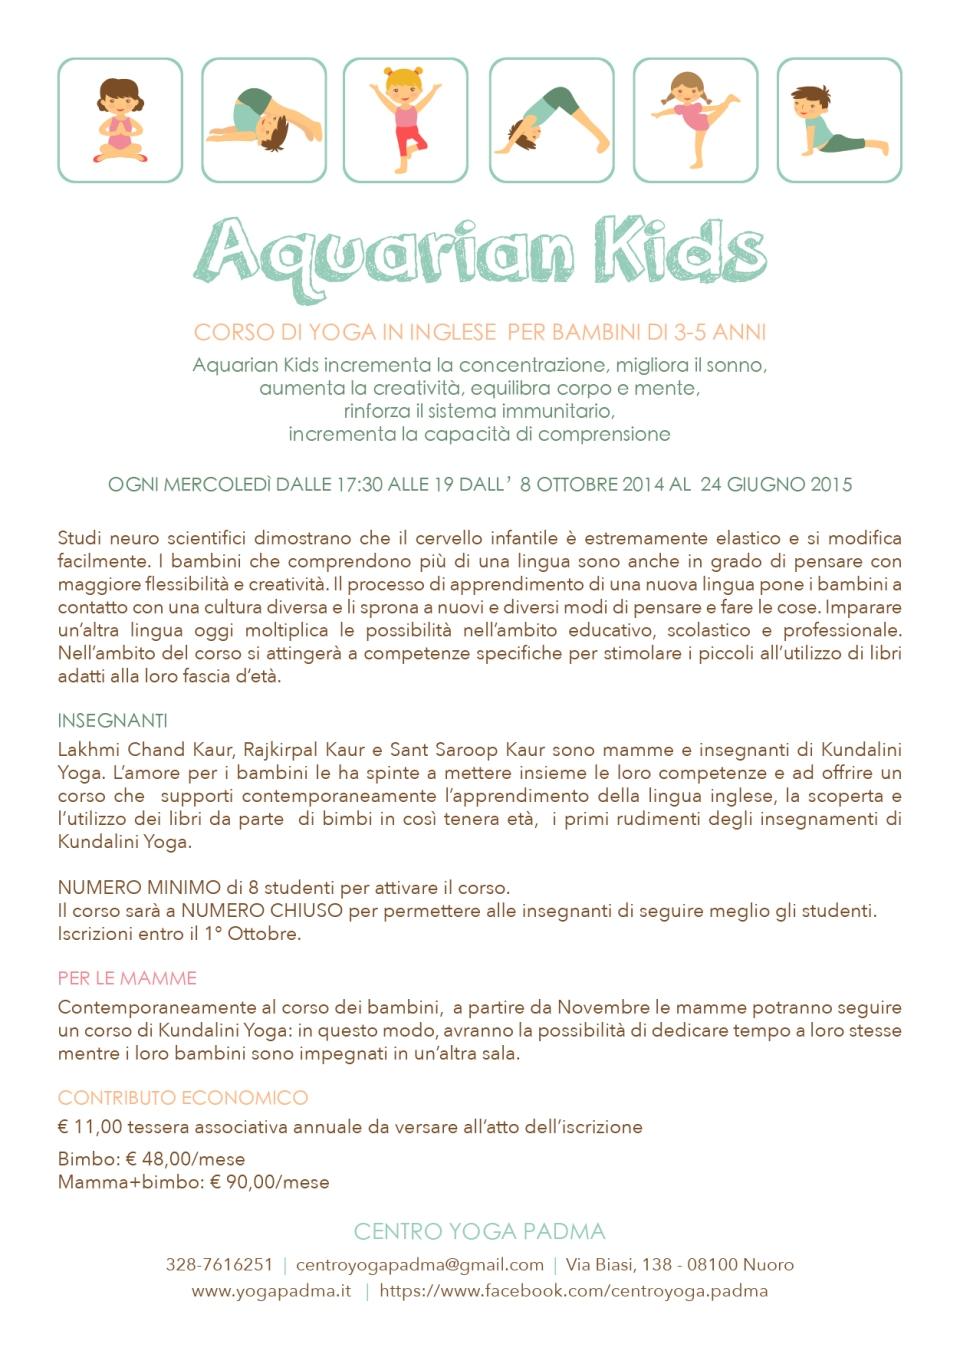 aquarian_kids_A4